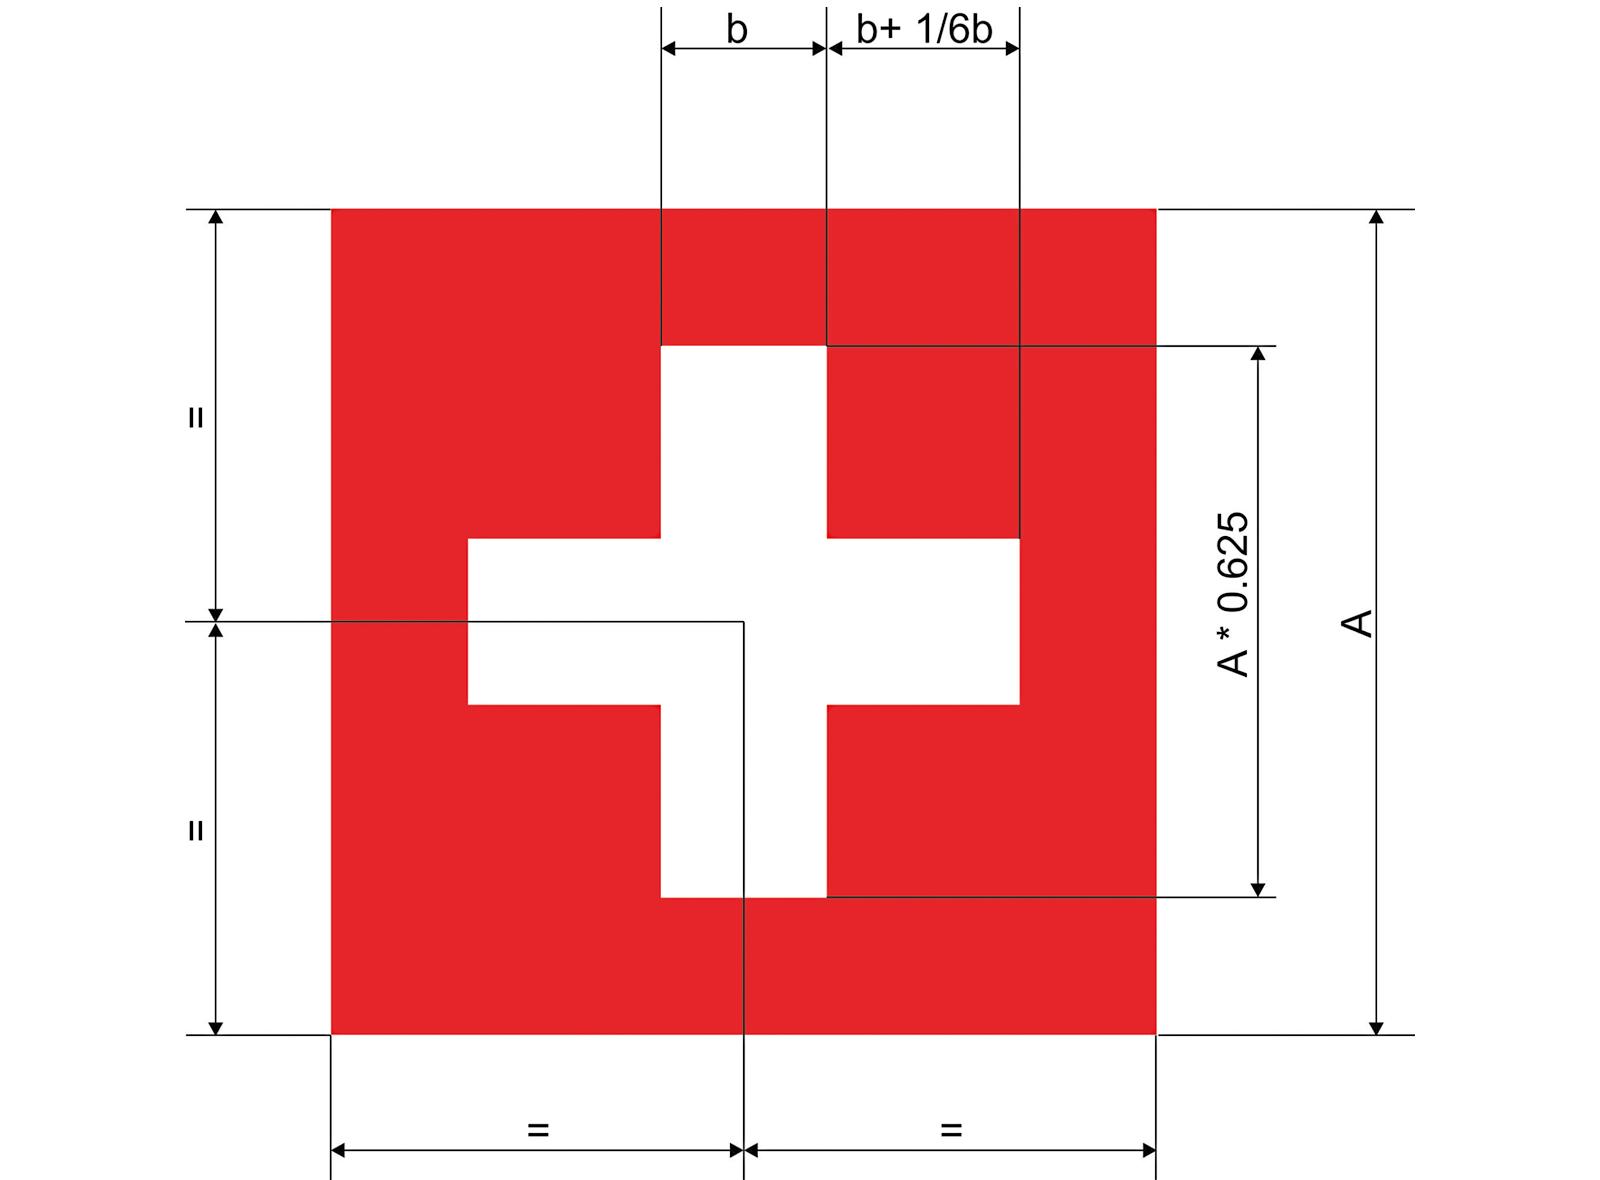 schweizerfahne-vermasst-schweizer-kreuz-blog